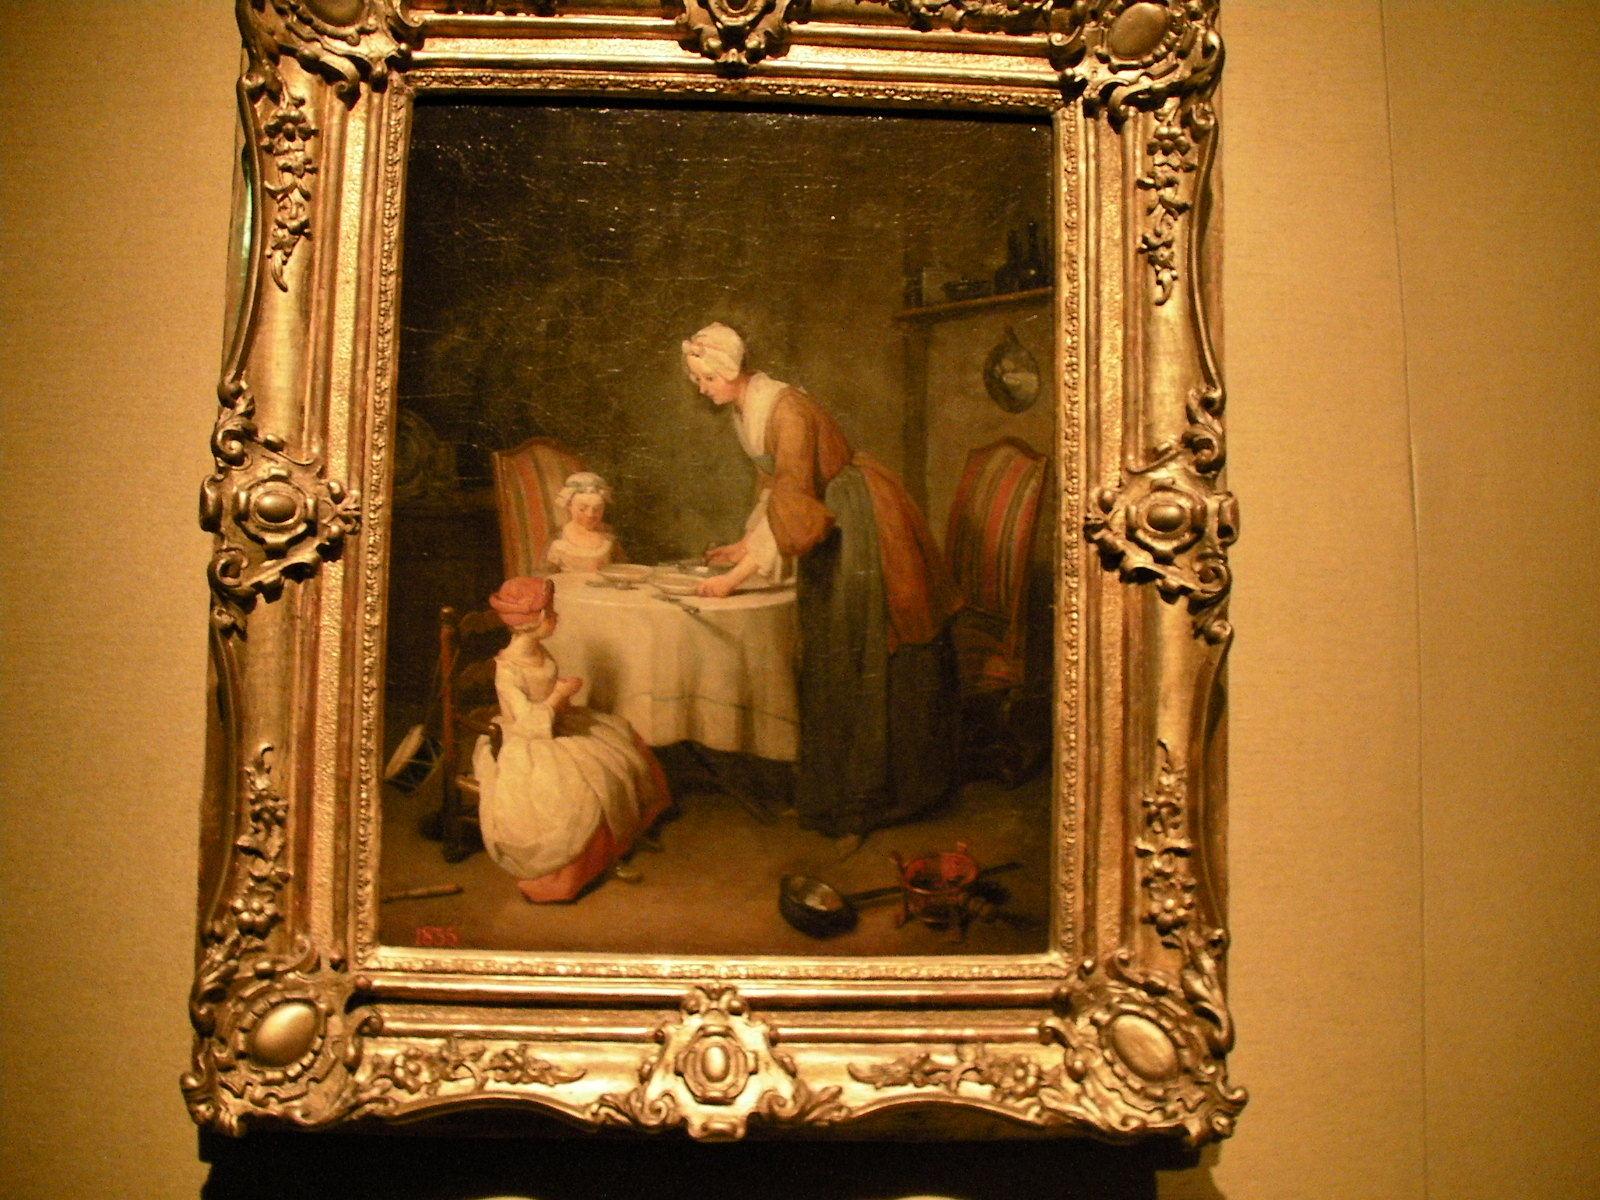 ジャン=バティスト・シメオン・シャルダン《食前の祈り》(1744)